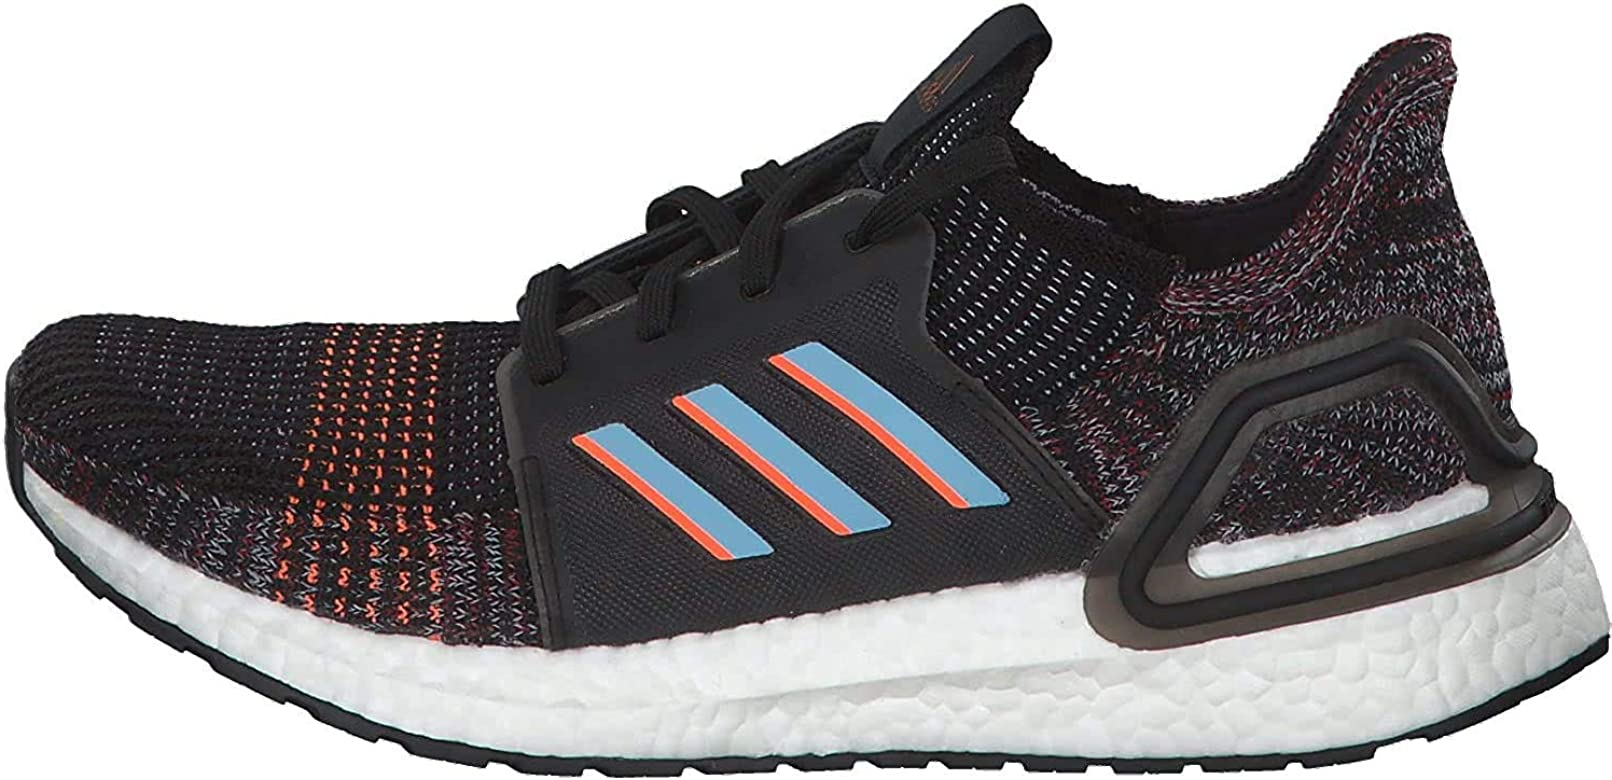 adidas Ultraboost 19 M, Zapatillas para Correr para Hombre, Núcleo Negro/Azul Brillante/Núcleo Negro, 40 2/3 EU: Amazon.es: Zapatos y complementos